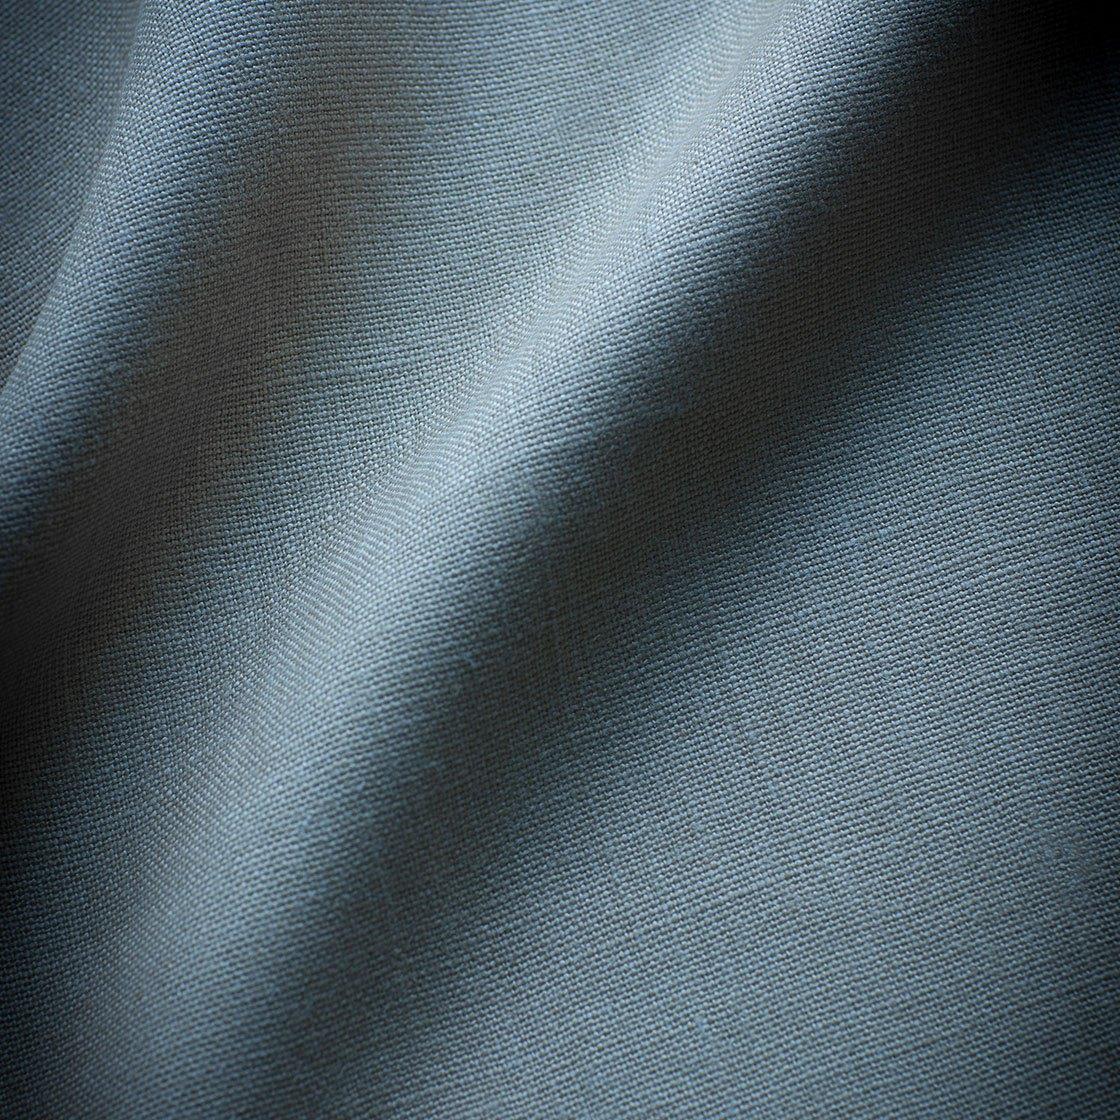 Bantry Linen - Cambridge Blue - Beaumont & Fletcher - Beaumont & Fletcher